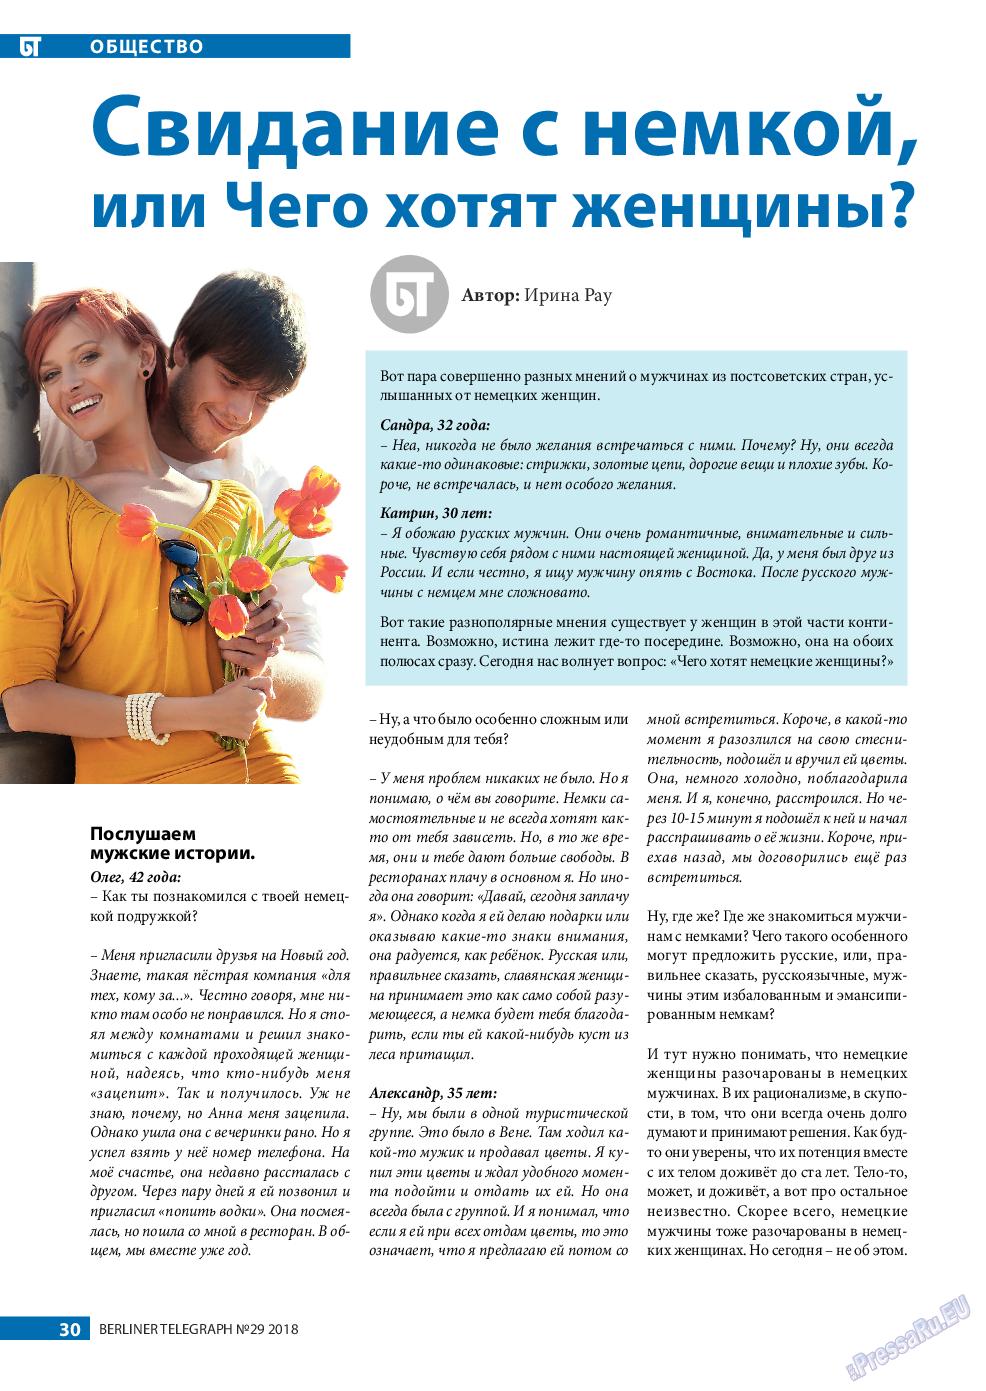 Берлинский телеграф (журнал). 2018 год, номер 29, стр. 30